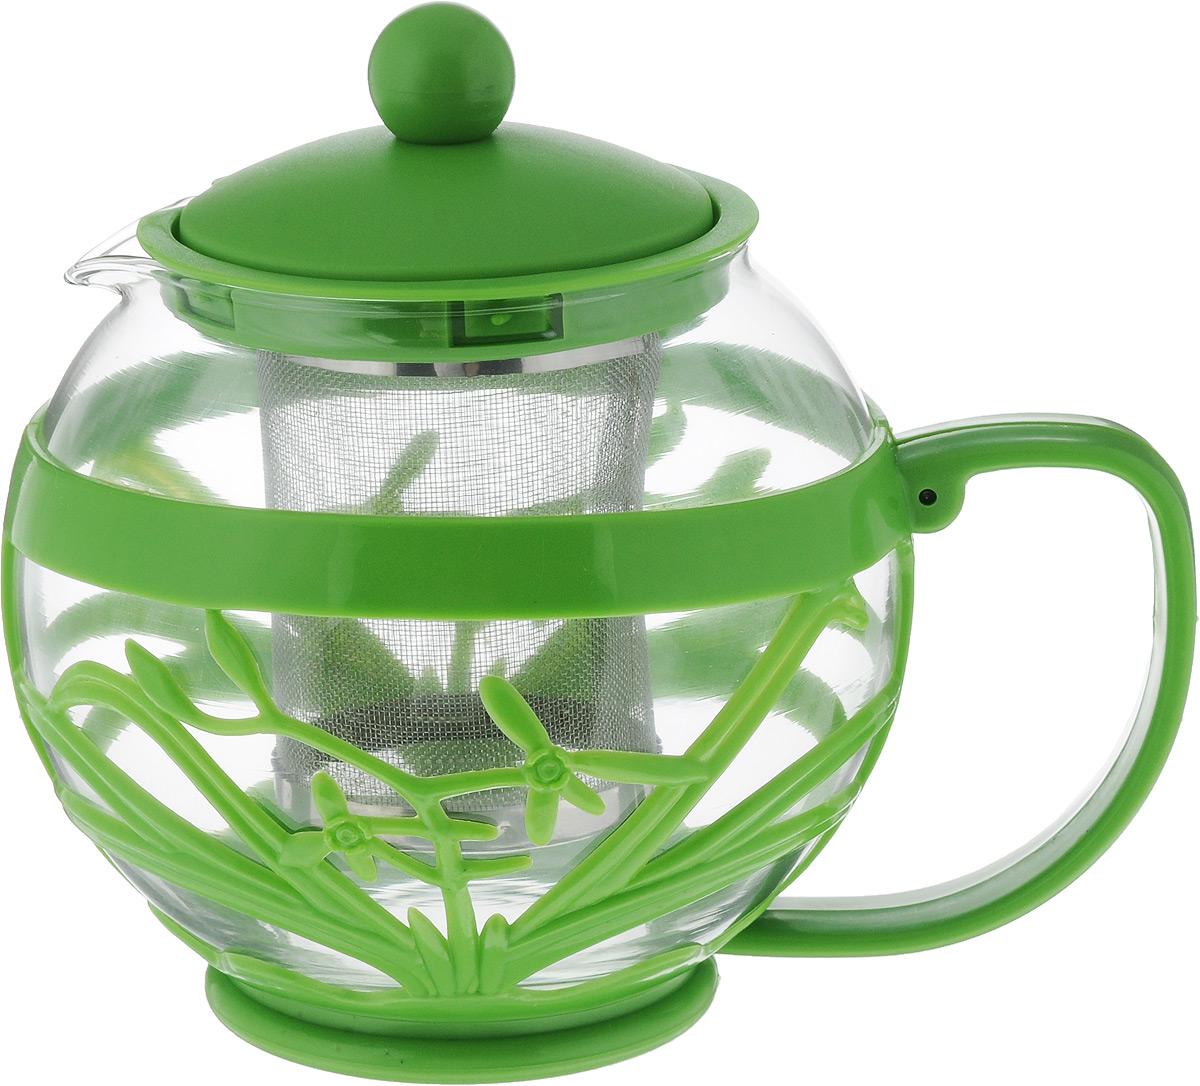 Чайник заварочный Menu Мелисса, с фильтром, цвет: прозрачный, зеленый, 750 мл68/5/4Чайник Menu Мелисса изготовлен из прочного стекла и пластика. Он прекрасно подойдет для заваривания чая и травяных напитков. Классический стиль и оптимальный объем делают его удобным и оригинальным аксессуаром. Изделие имеет удлиненный металлический фильтр, который обеспечивает высокое качество фильтрации напитка и позволяет заварить чай даже при небольшом уровне воды. Ручка чайника не нагревается и обеспечивает безопасность использования. Нельзя мыть в посудомоечной машине. Диаметр чайника (по верхнему краю): 8 см.Высота чайника (без учета крышки): 11 см.Размер фильтра: 6 х 6 х 7,2 см.